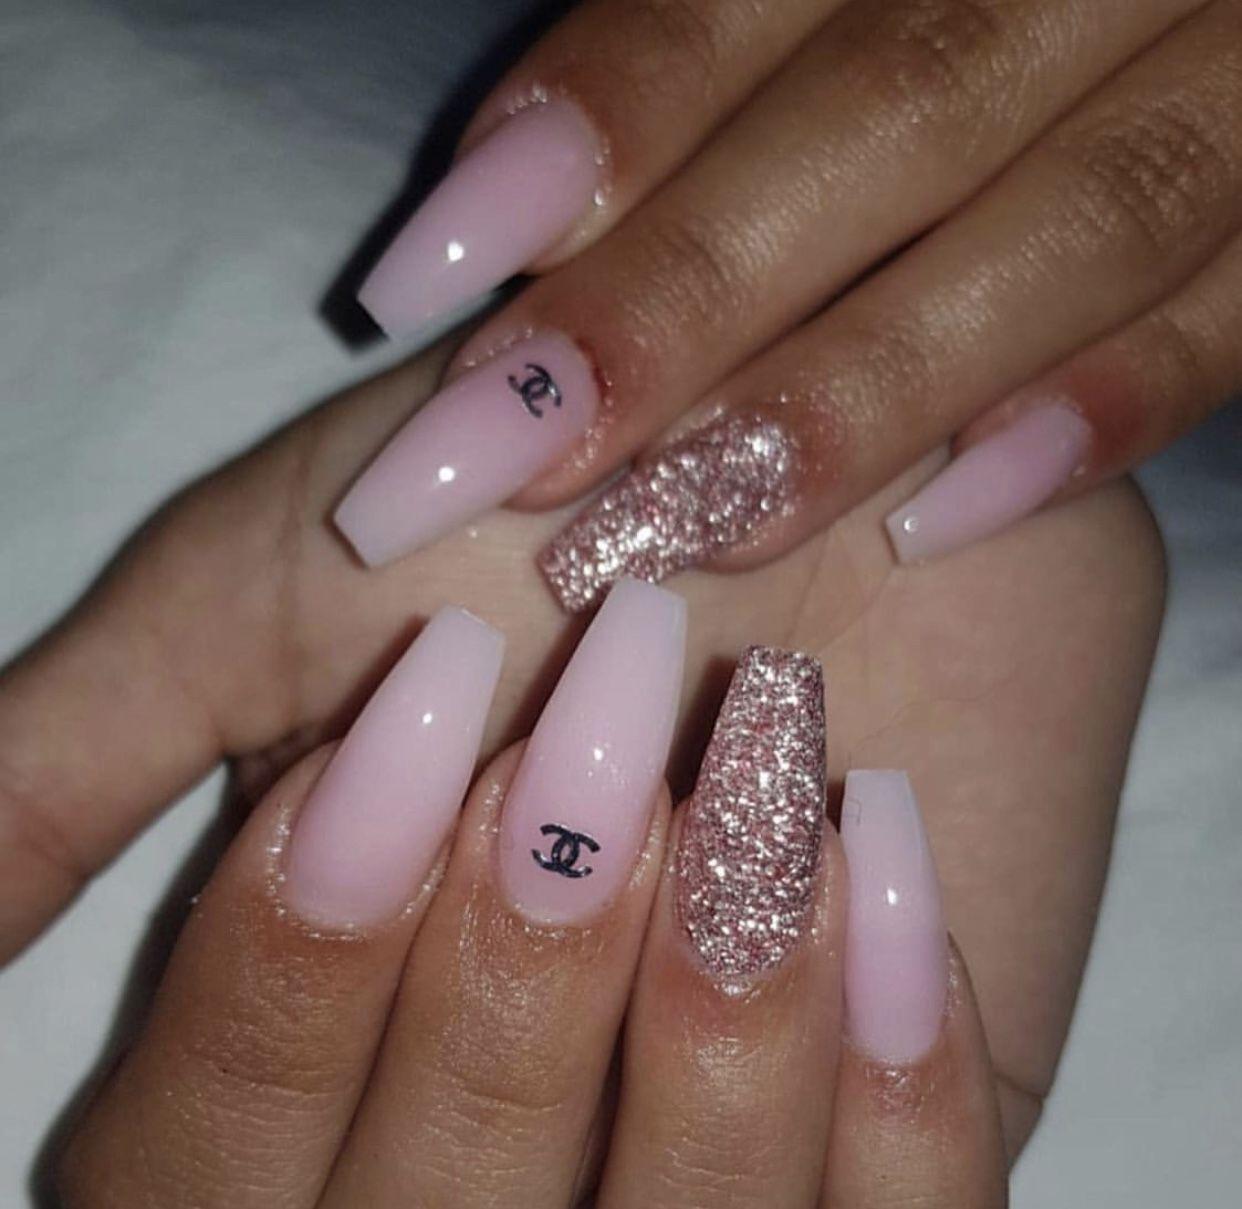 Lv Nails Stafford Tx